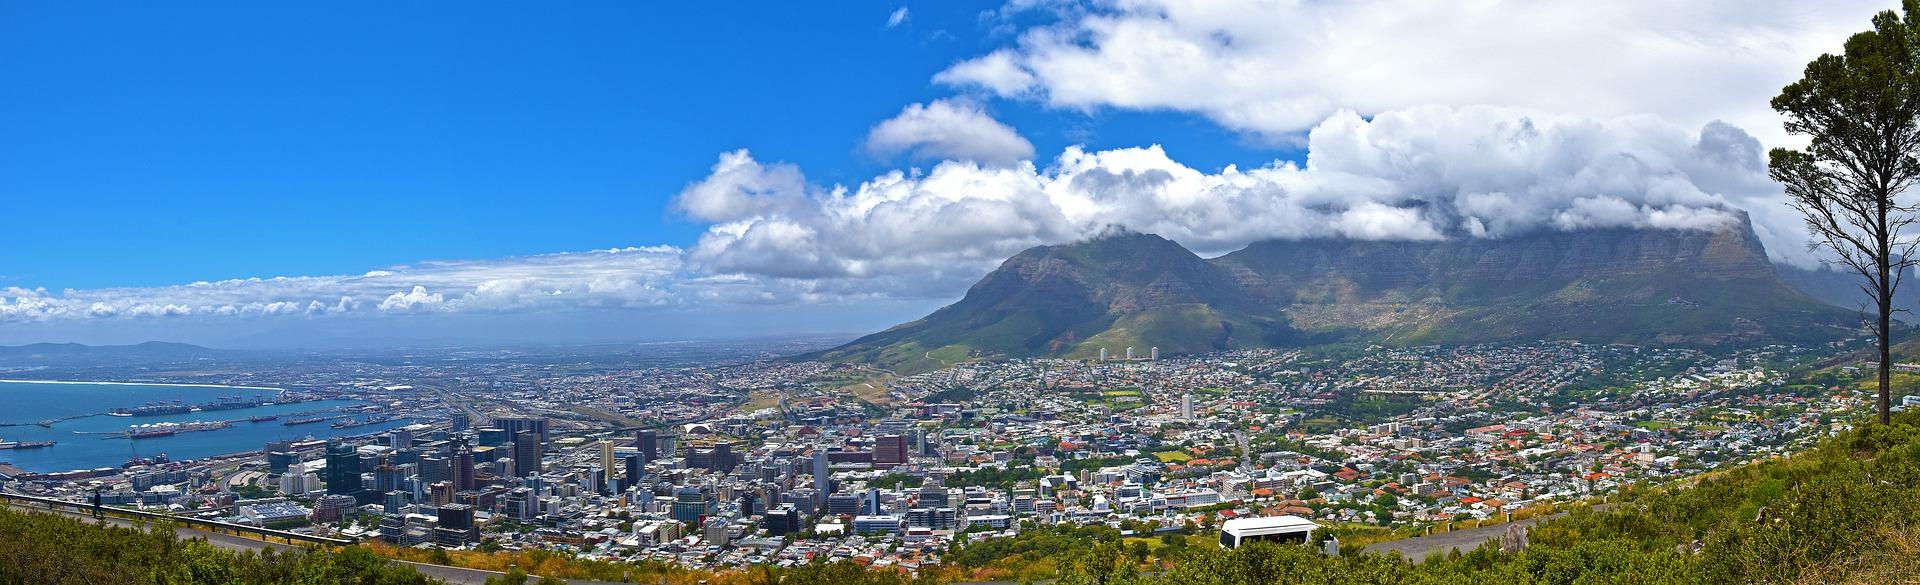 Krásy černého kontinentu – země jižní Afriky